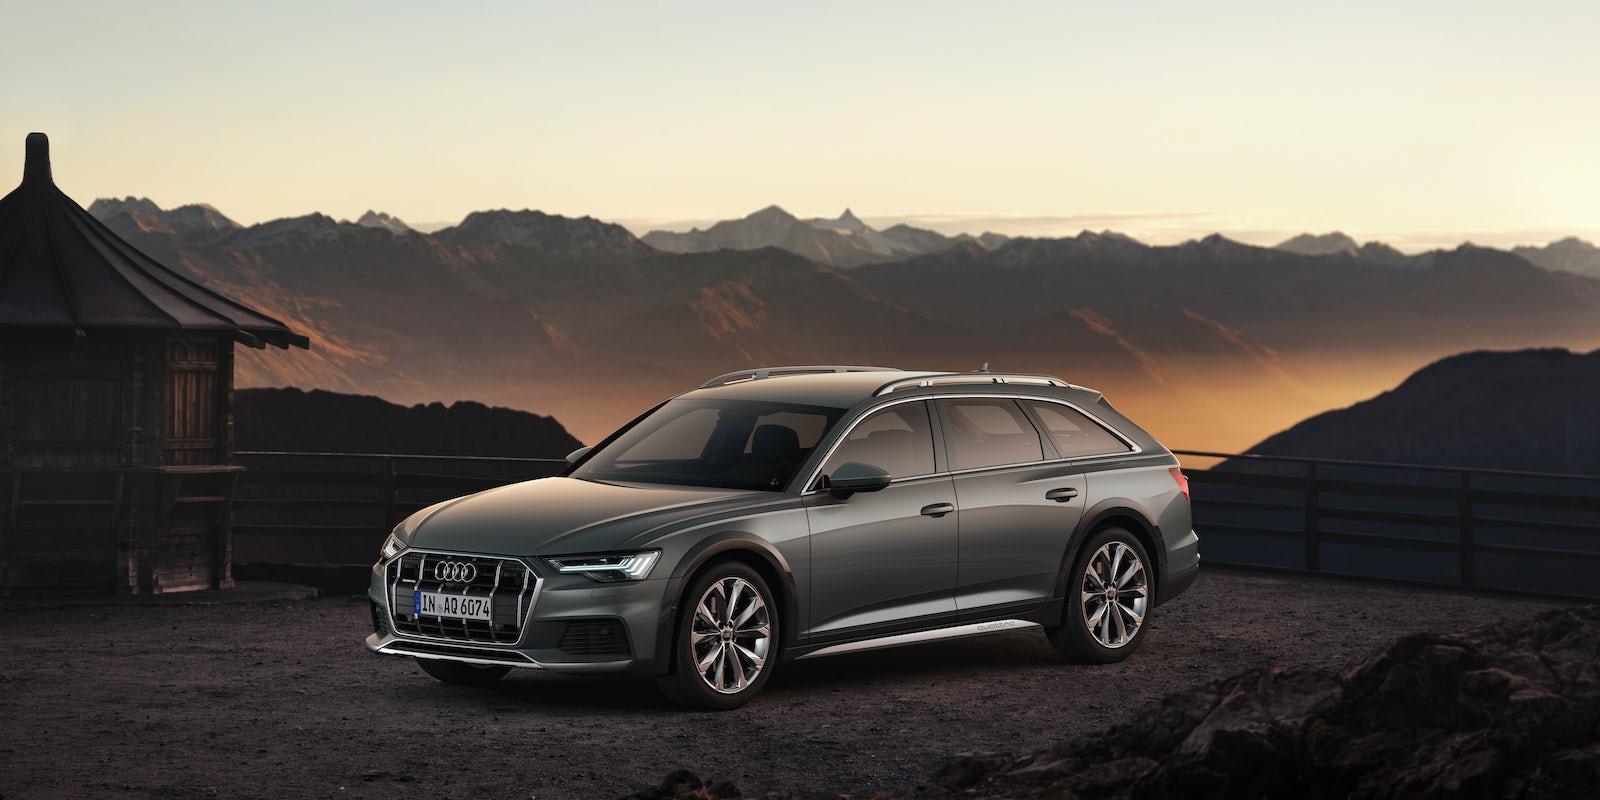 2019 Audi Q6: Design, Mileage, Release, Price >> 2019 Audi Q6 Design Mileage Release Price Upcoming New Car